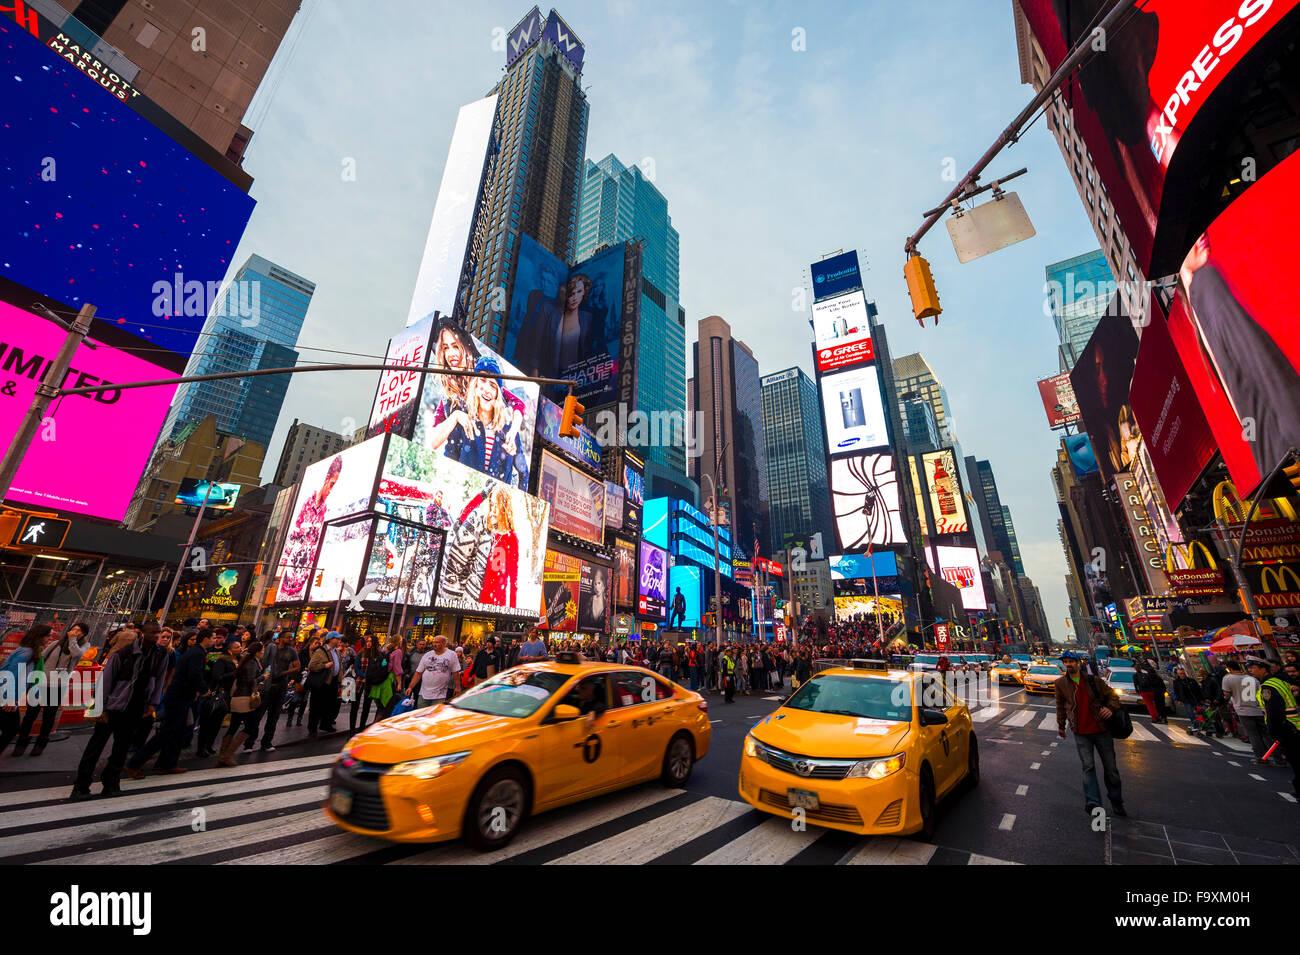 La VILLE DE NEW YORK, USA - Le 13 décembre 2015: la signalisation lumineuse clignote pendant les vacances Photo Stock